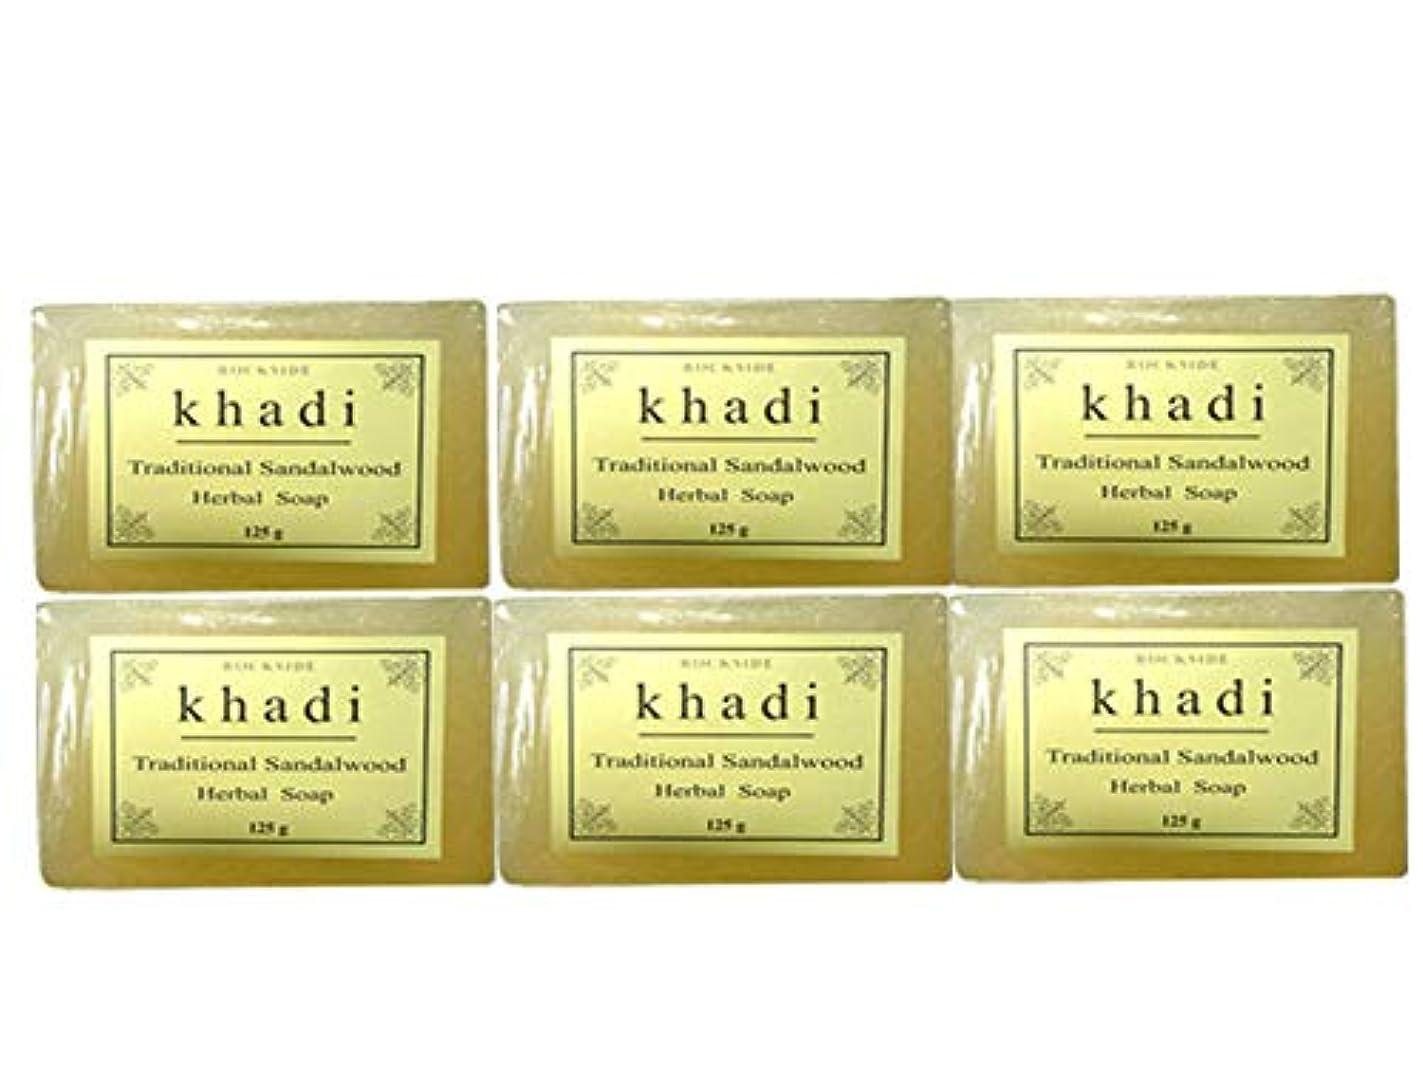 明るいアミューズメント遅滞手作り カーディ サンダルウッド ソープKhadi Traditional Sandalwood Soap 6個セット